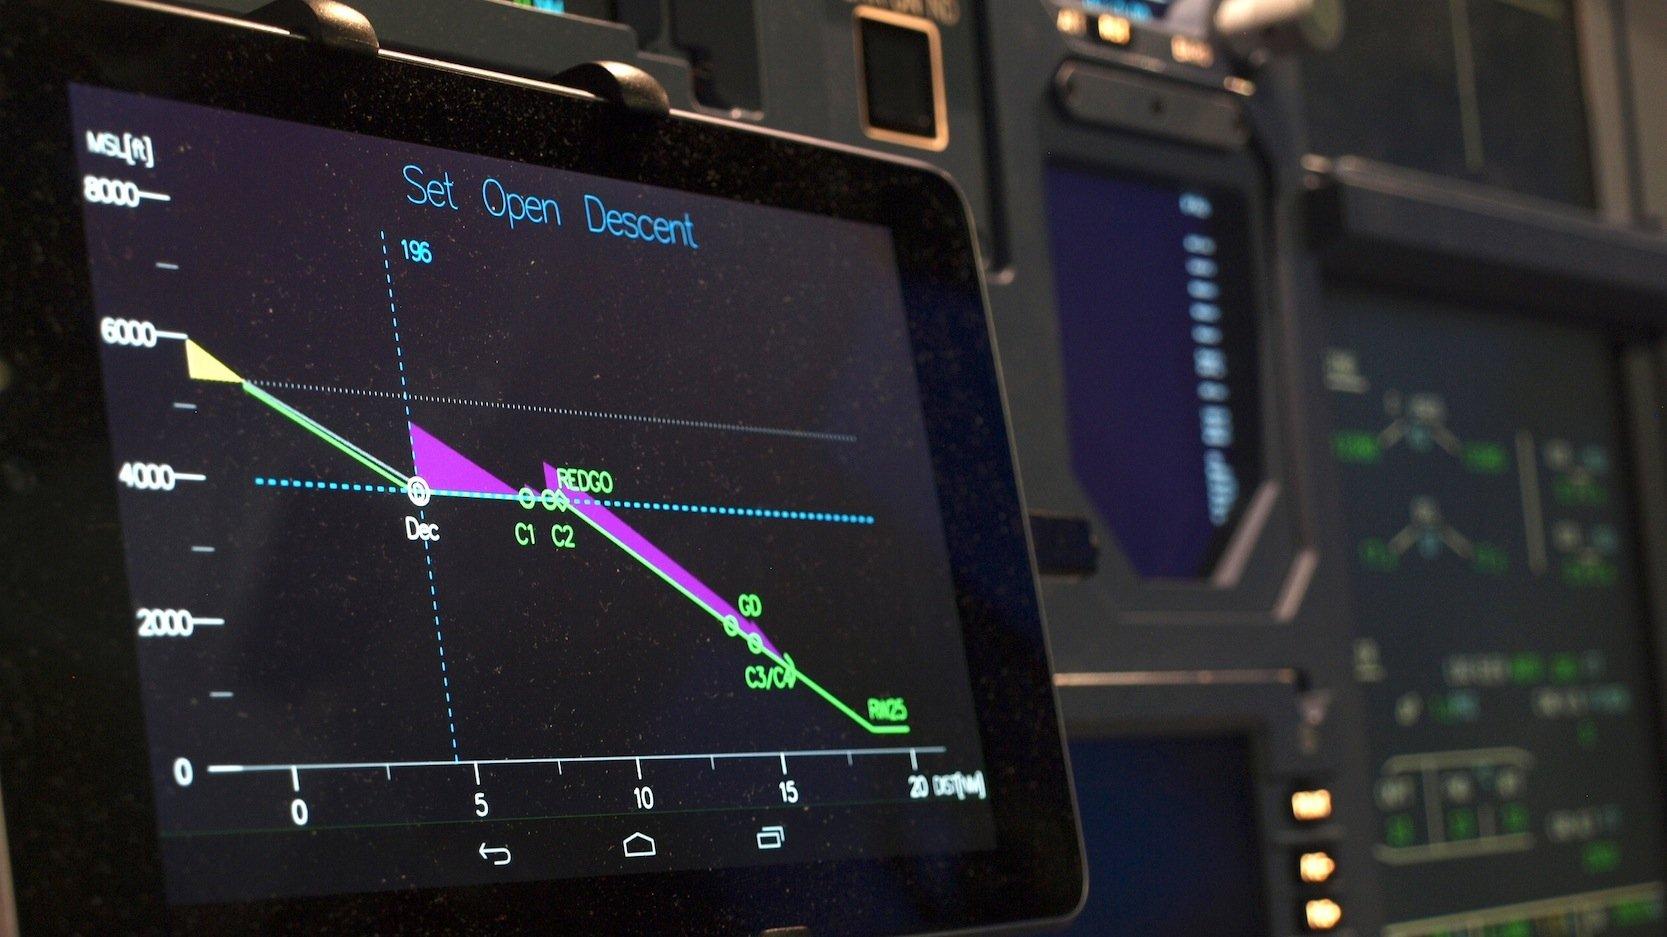 Das Display des getesteten Assistenzsystems LNASzeigt dem Piloten Vorschläge für eine optimale Landung an.